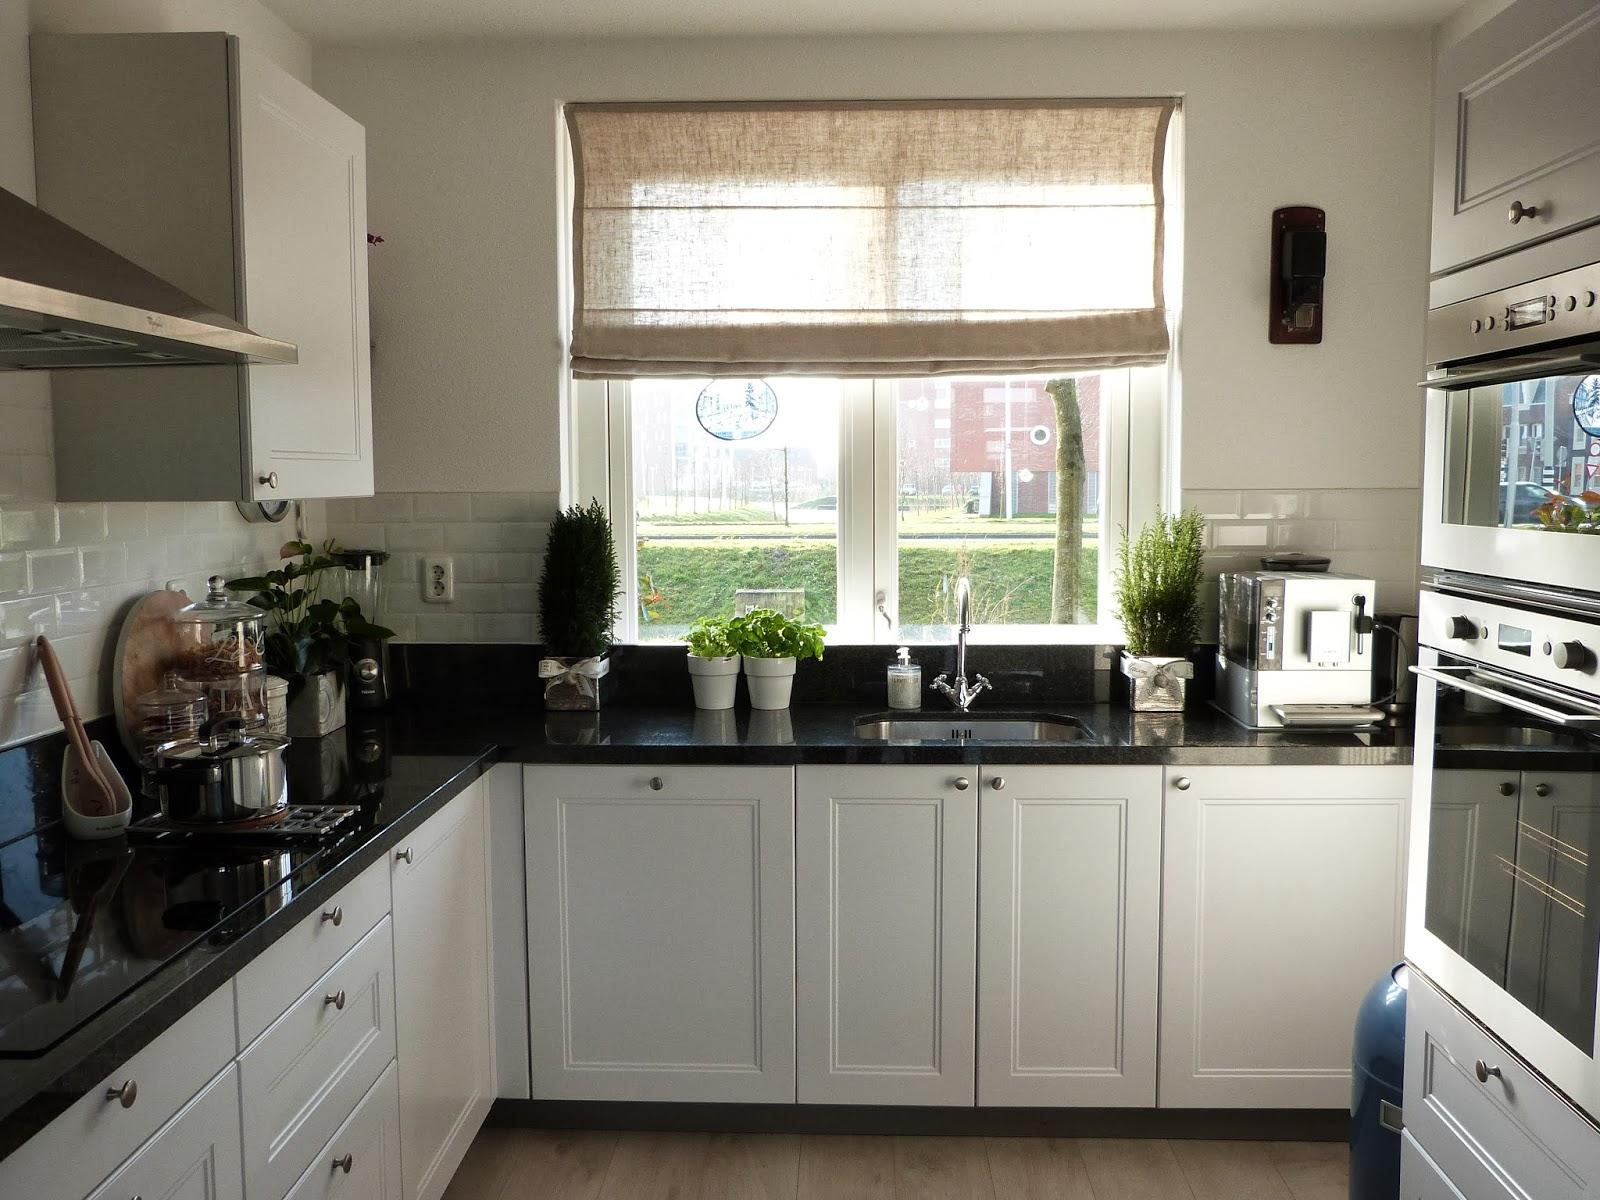 Het brocante schelpenhuisje wandkoffiemolen - Keuken uitgerust voor klein gebied ...